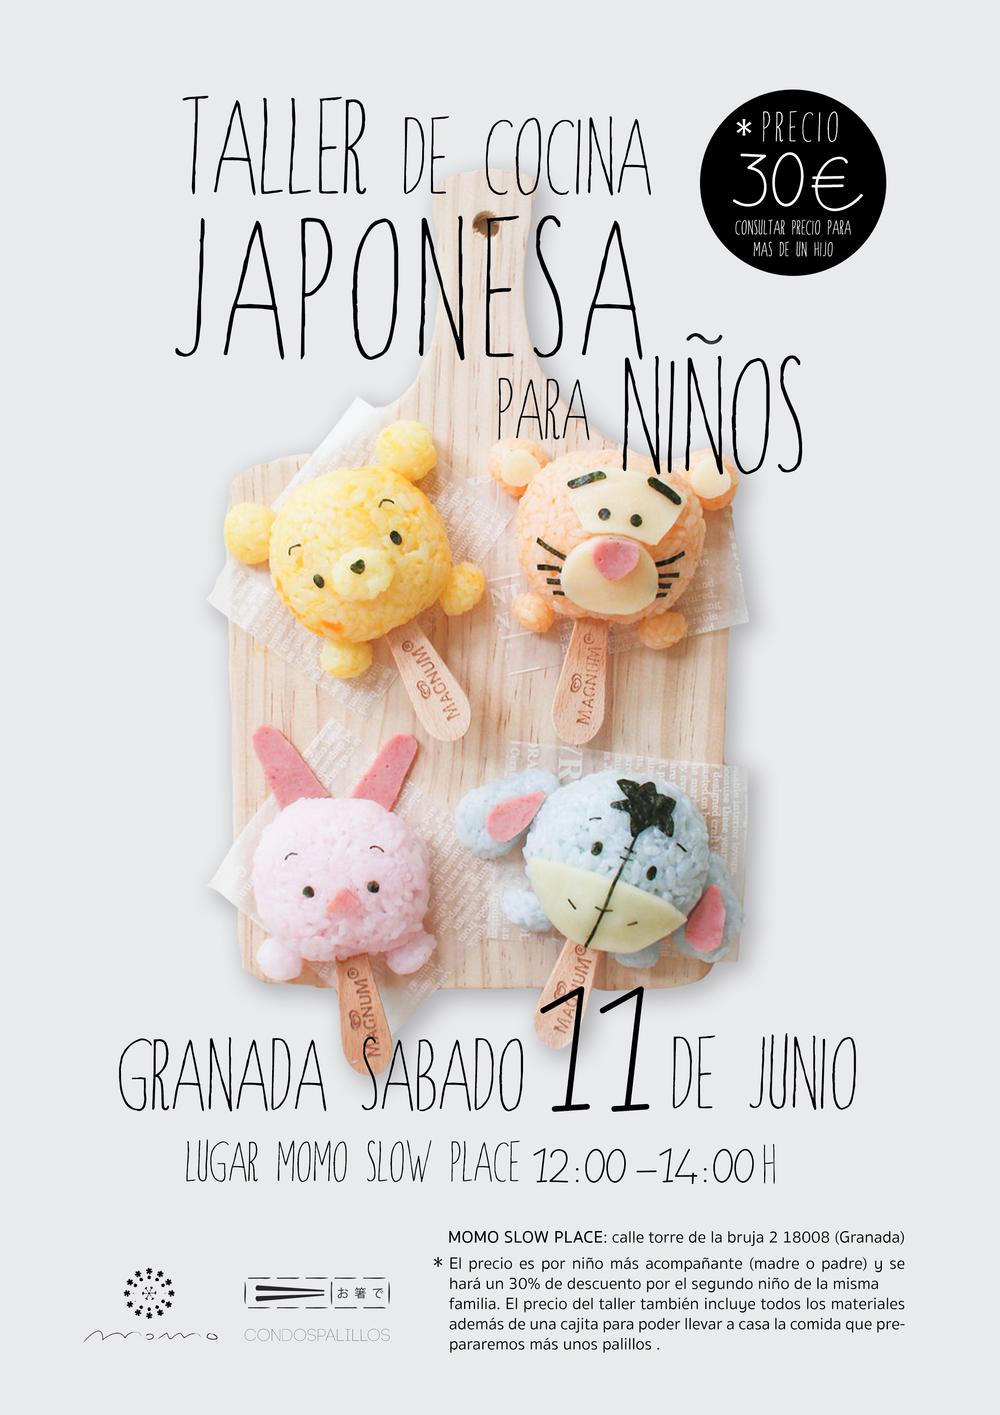 TALLER DE COCINA JAPONESA PARA NIÑOS GRANADA